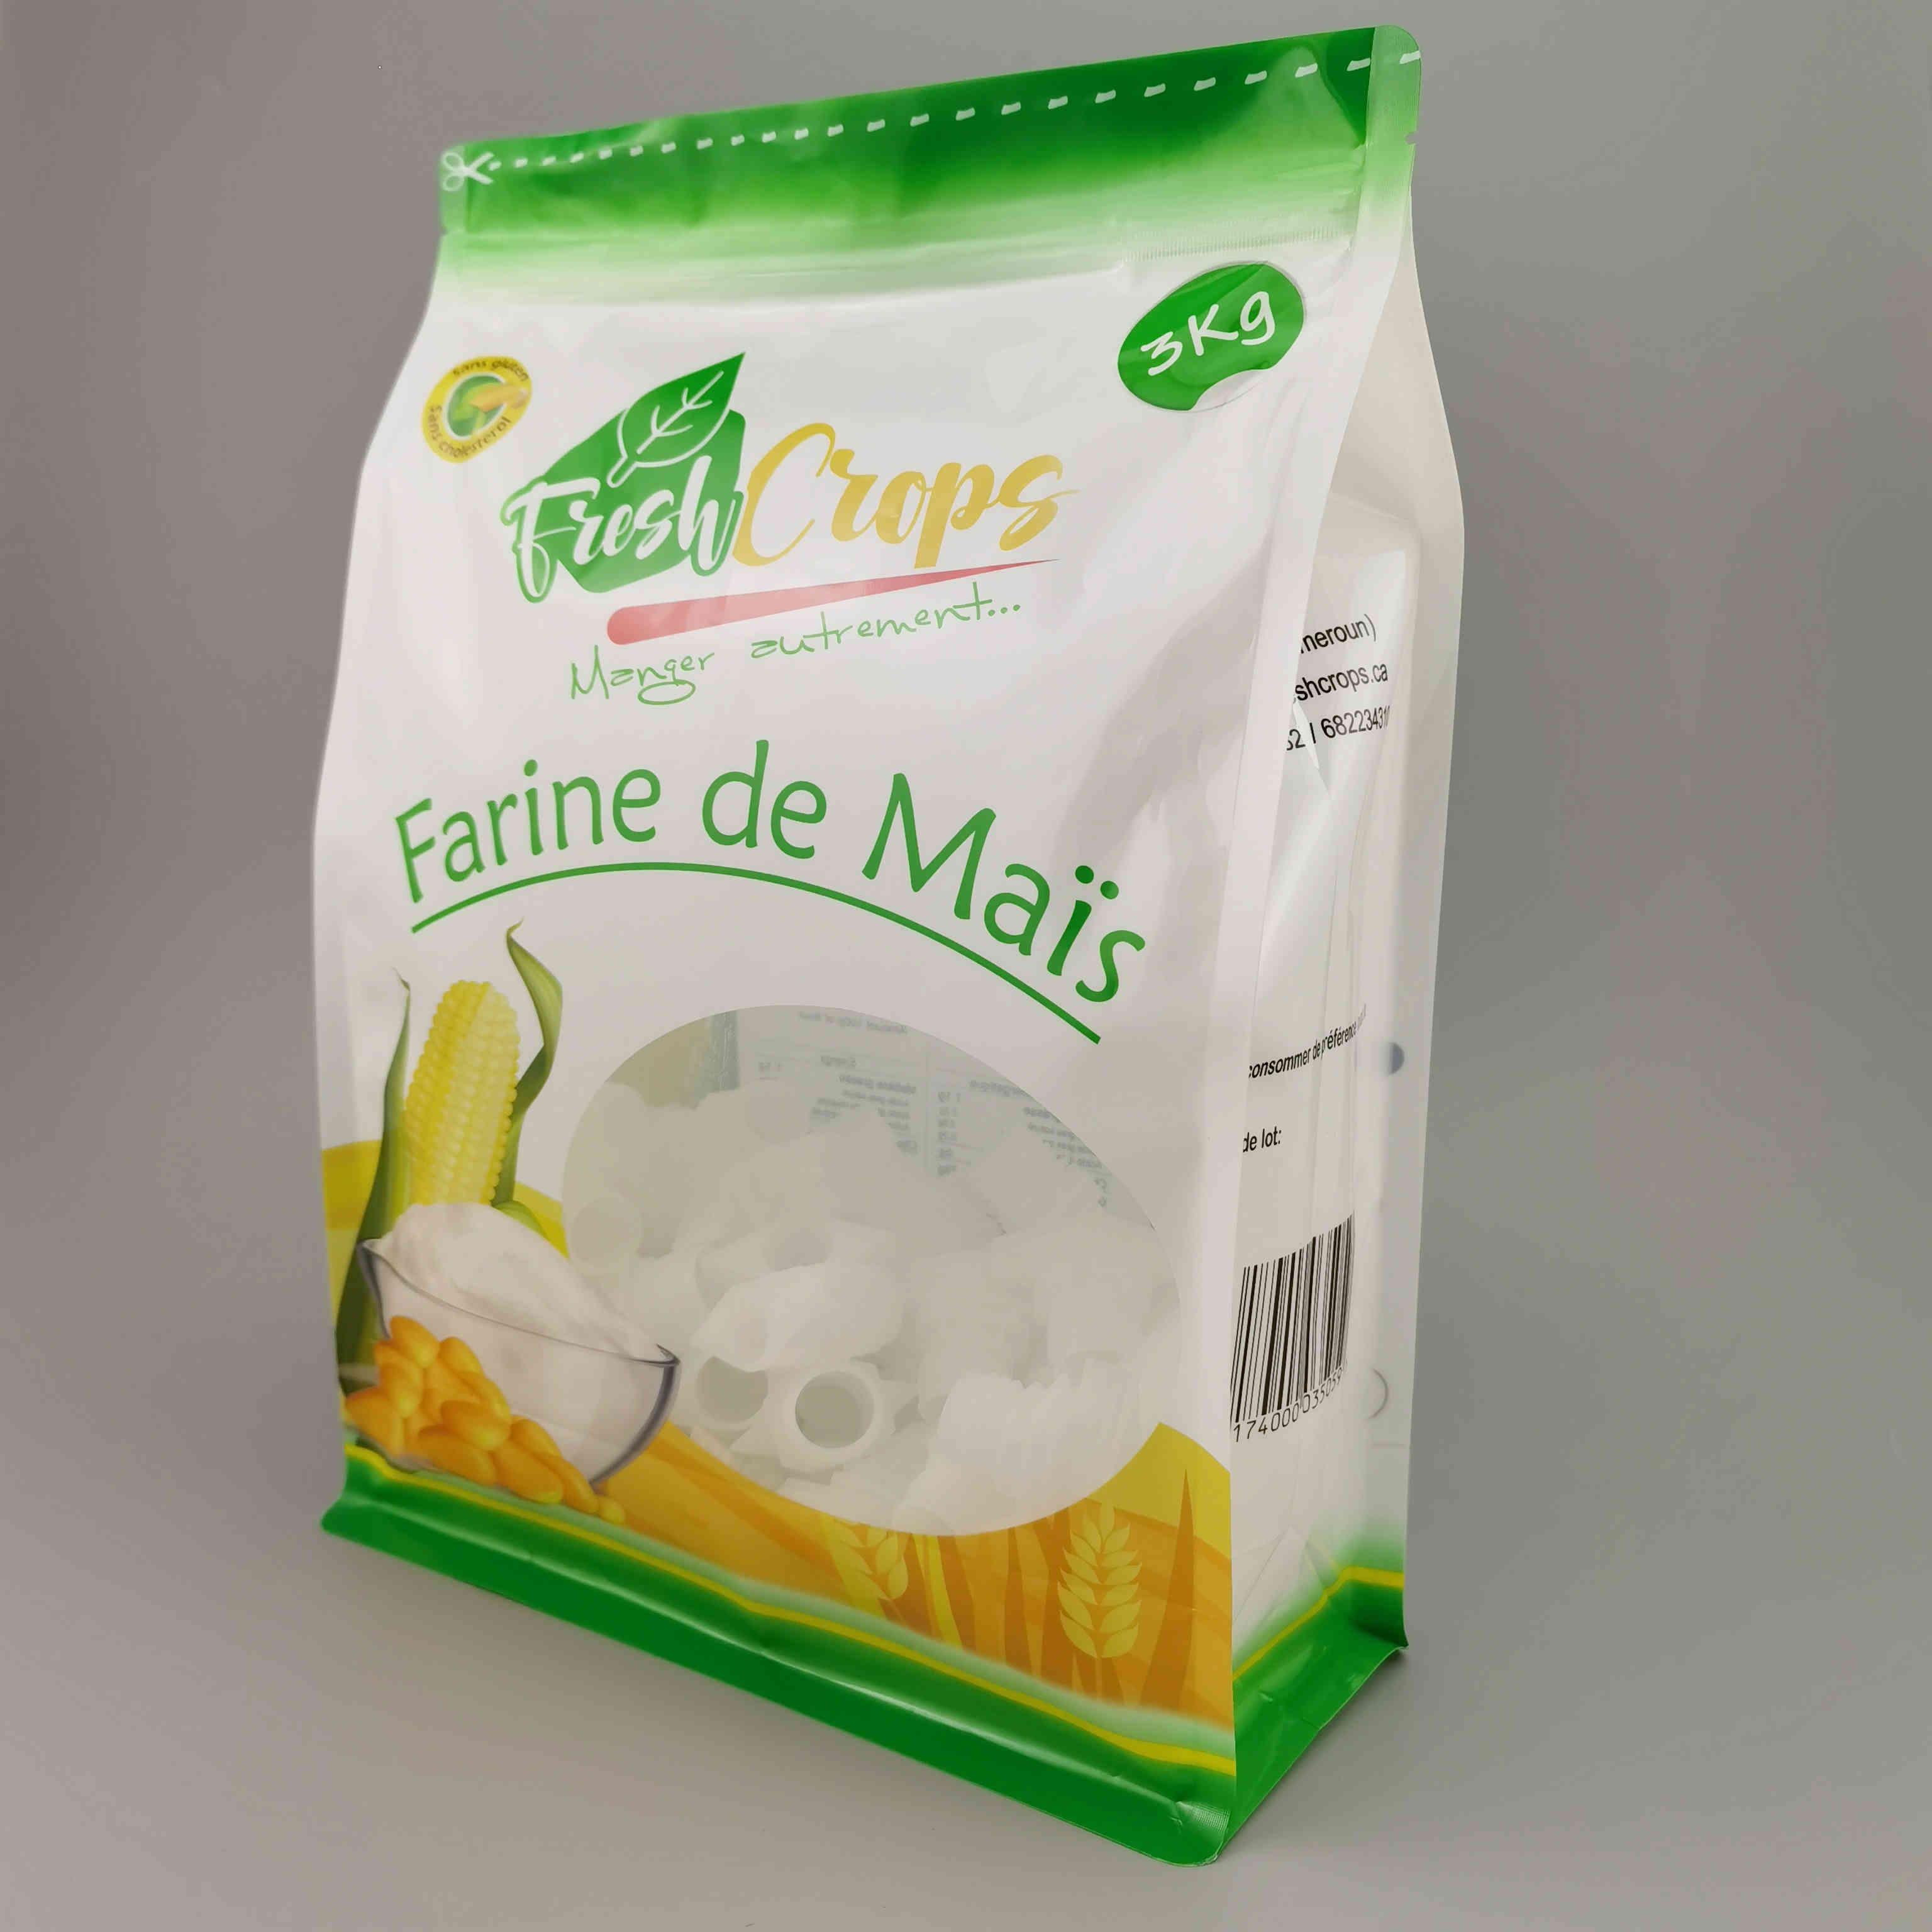 三边封八边封塑料自立袋定制休闲食品复合拉链袋磨砂铝箔自立袋定做logo